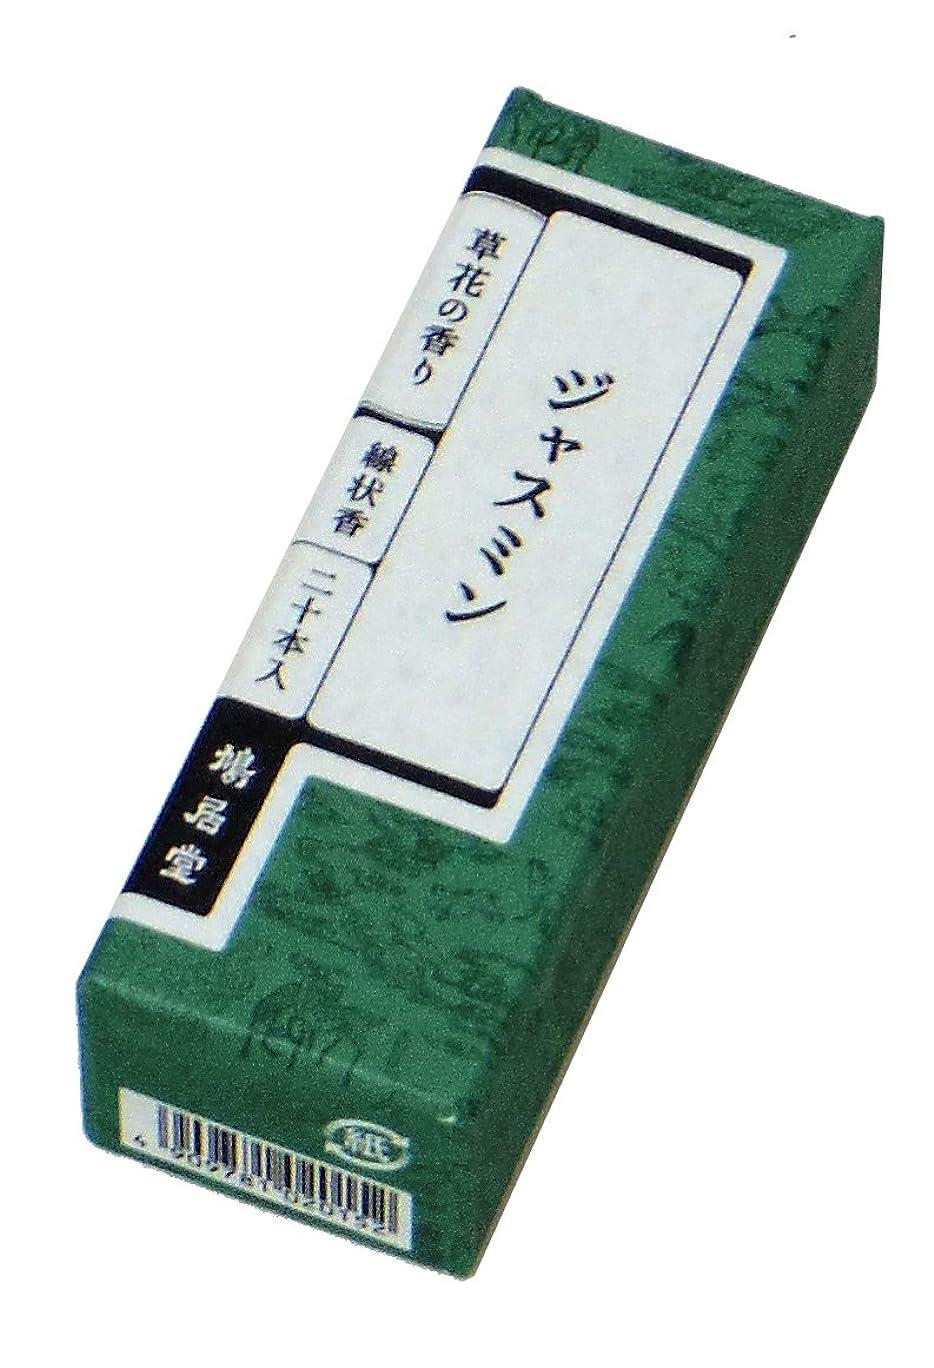 作曲する外観イノセンス鳩居堂のお香 草花の香り ジャスミン 20本入 6cm